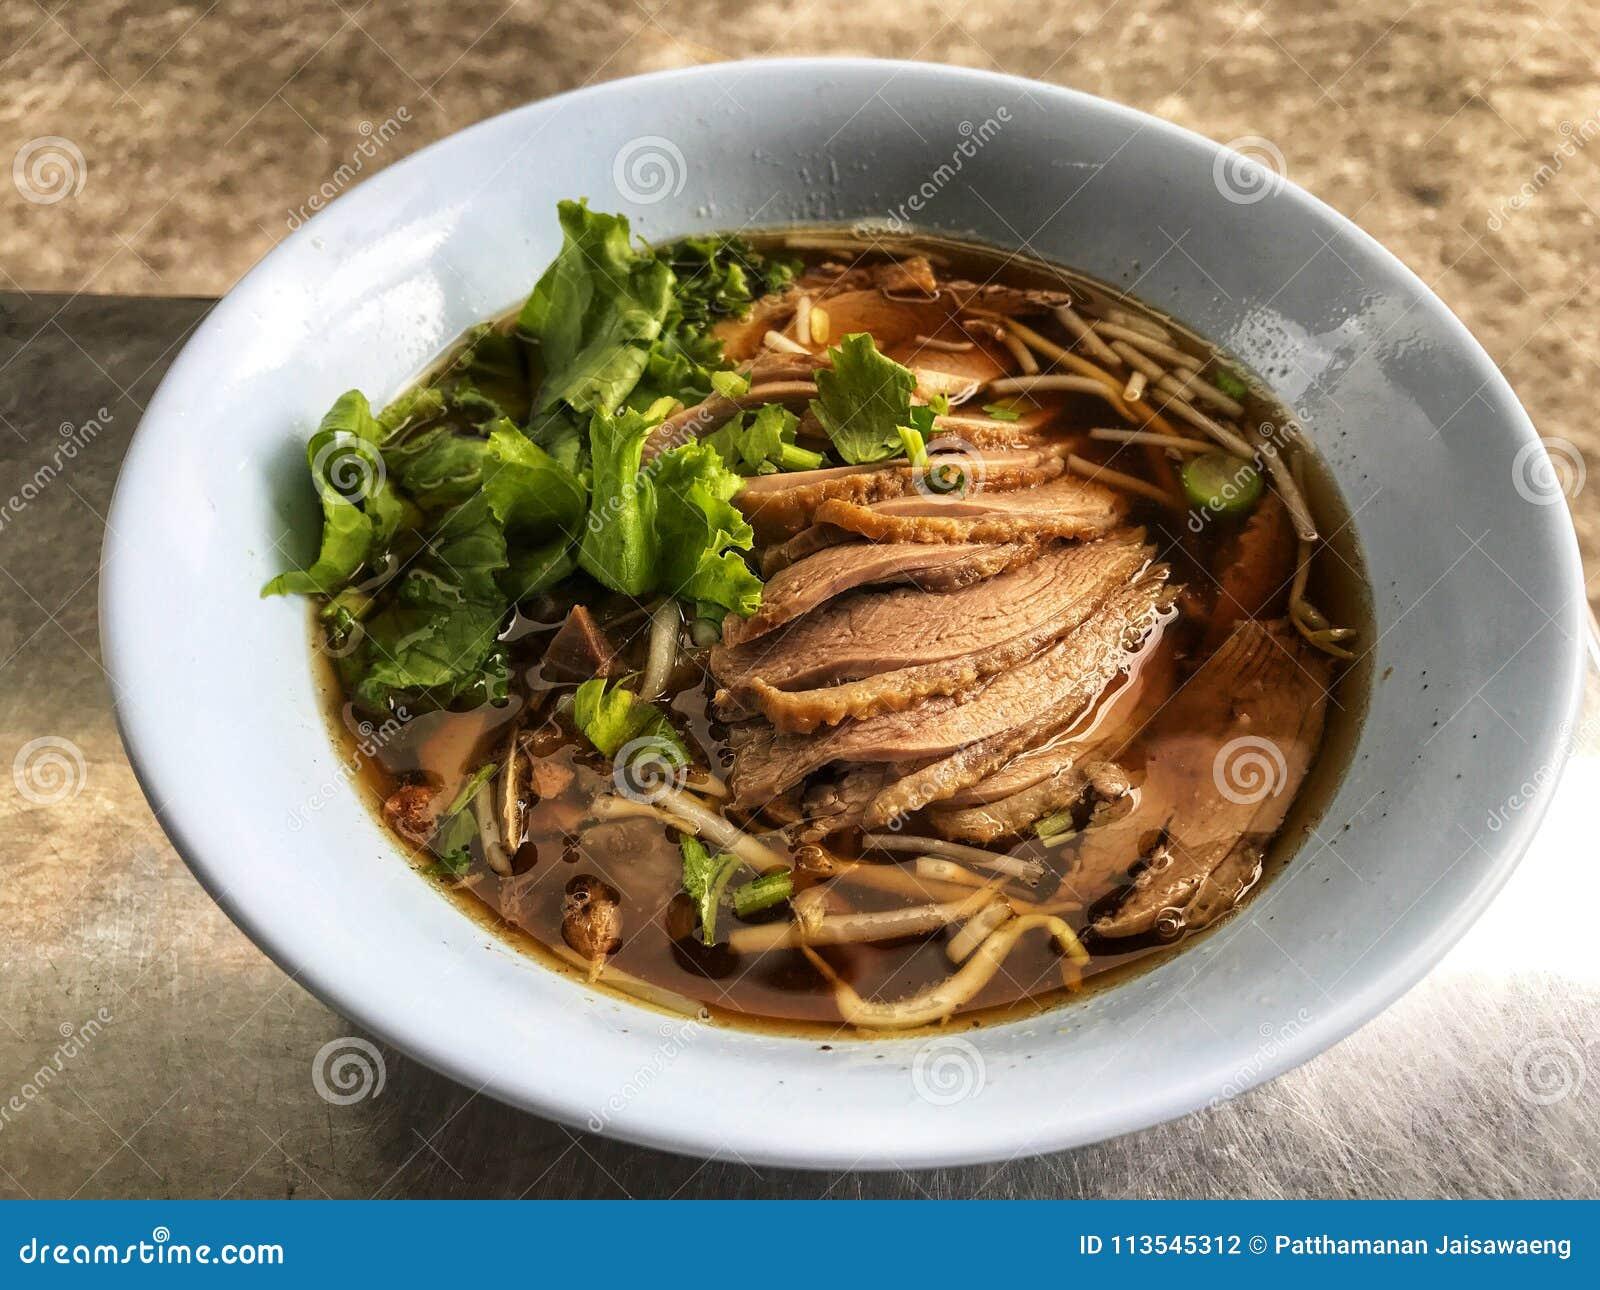 Anatra e minestra di verdura in ciotola bianca, alimento tradizionale e popolare tailandese